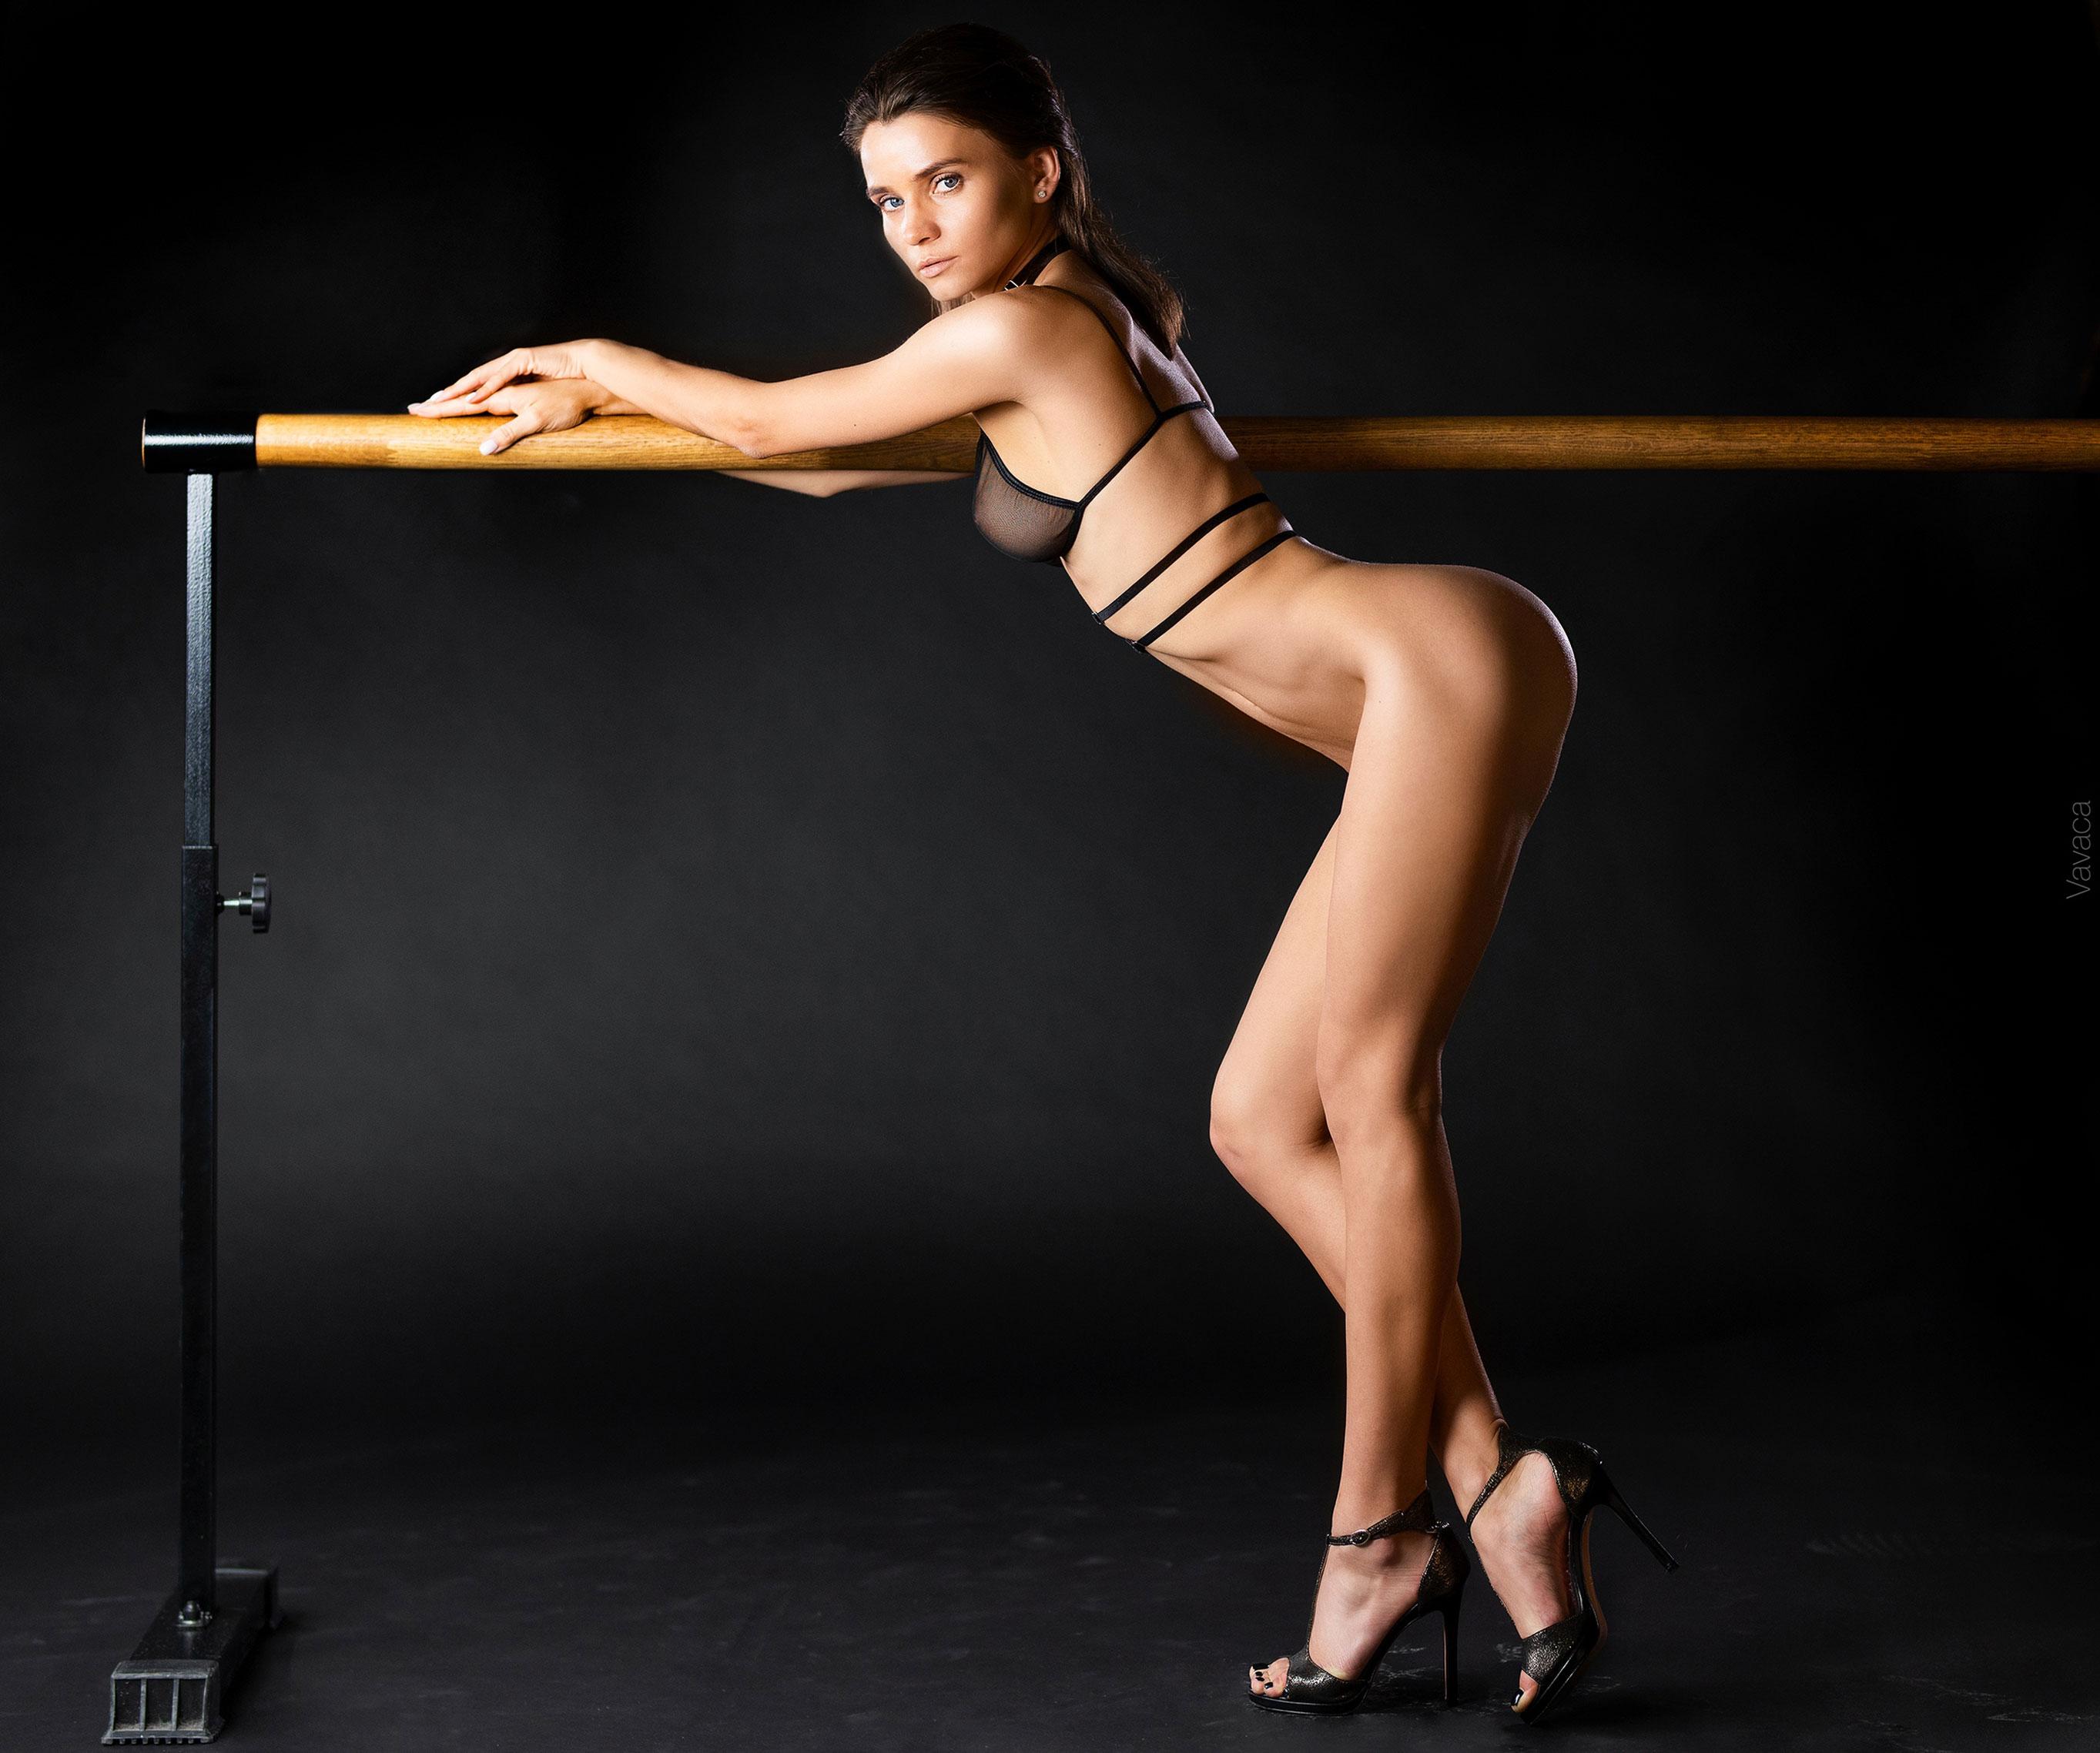 Кристина Макарова в гимнастическом зале / фото 05